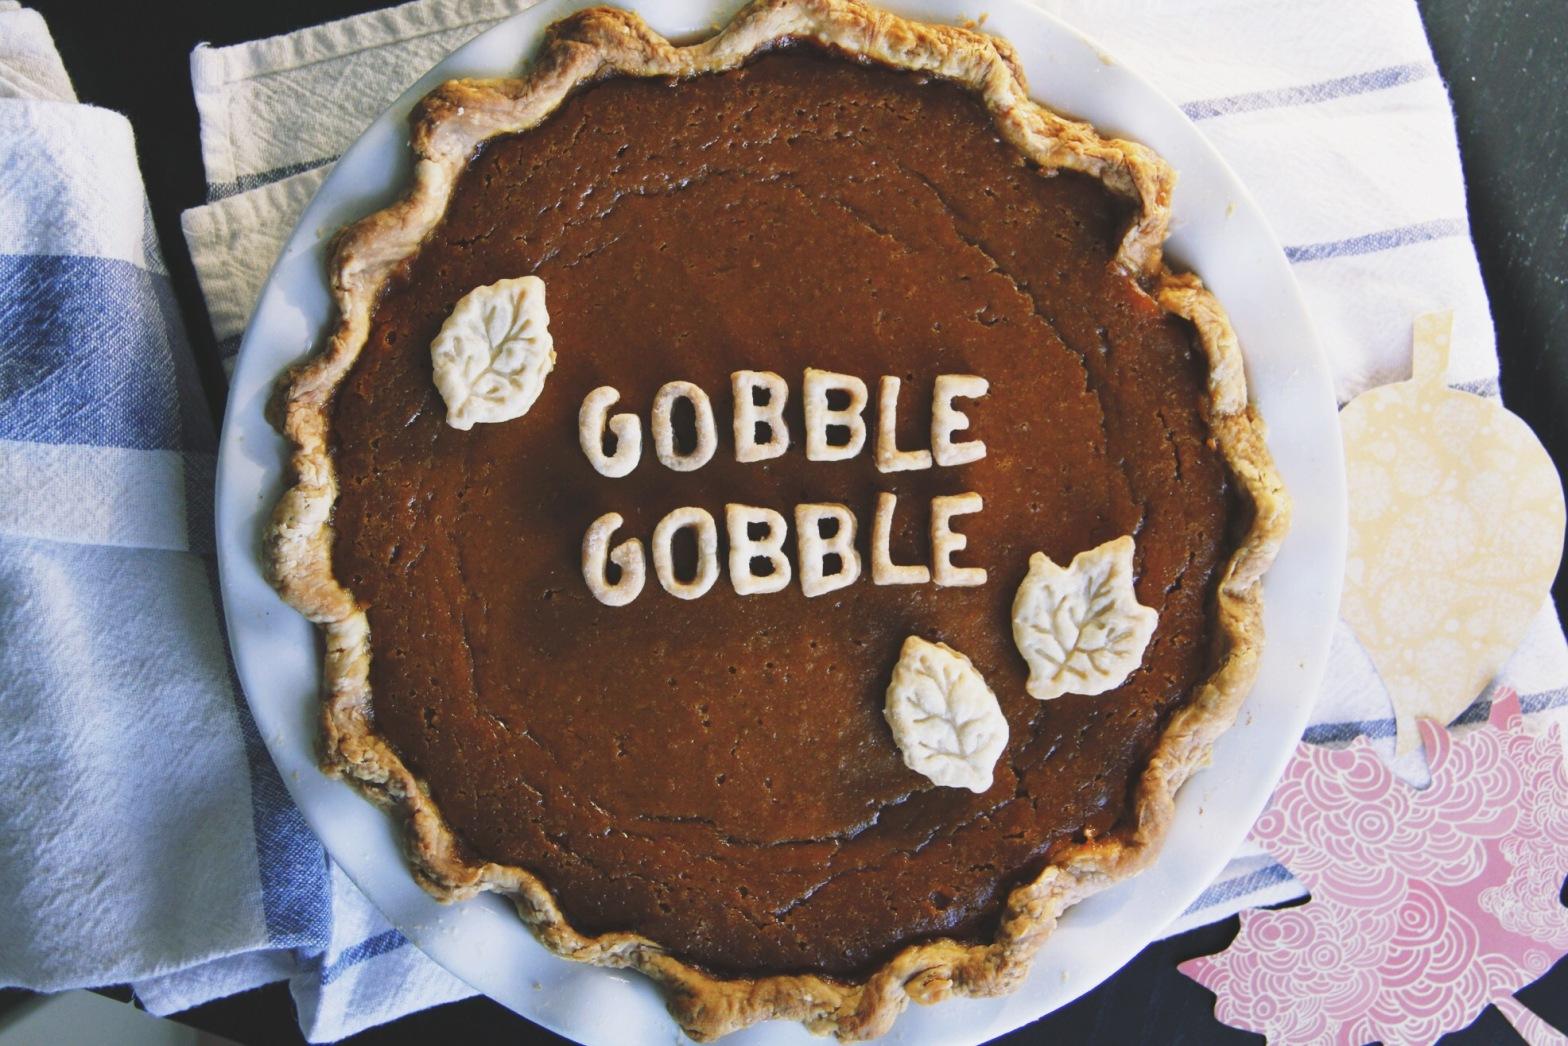 Friendsgiving - Love this pumpkin pie idea